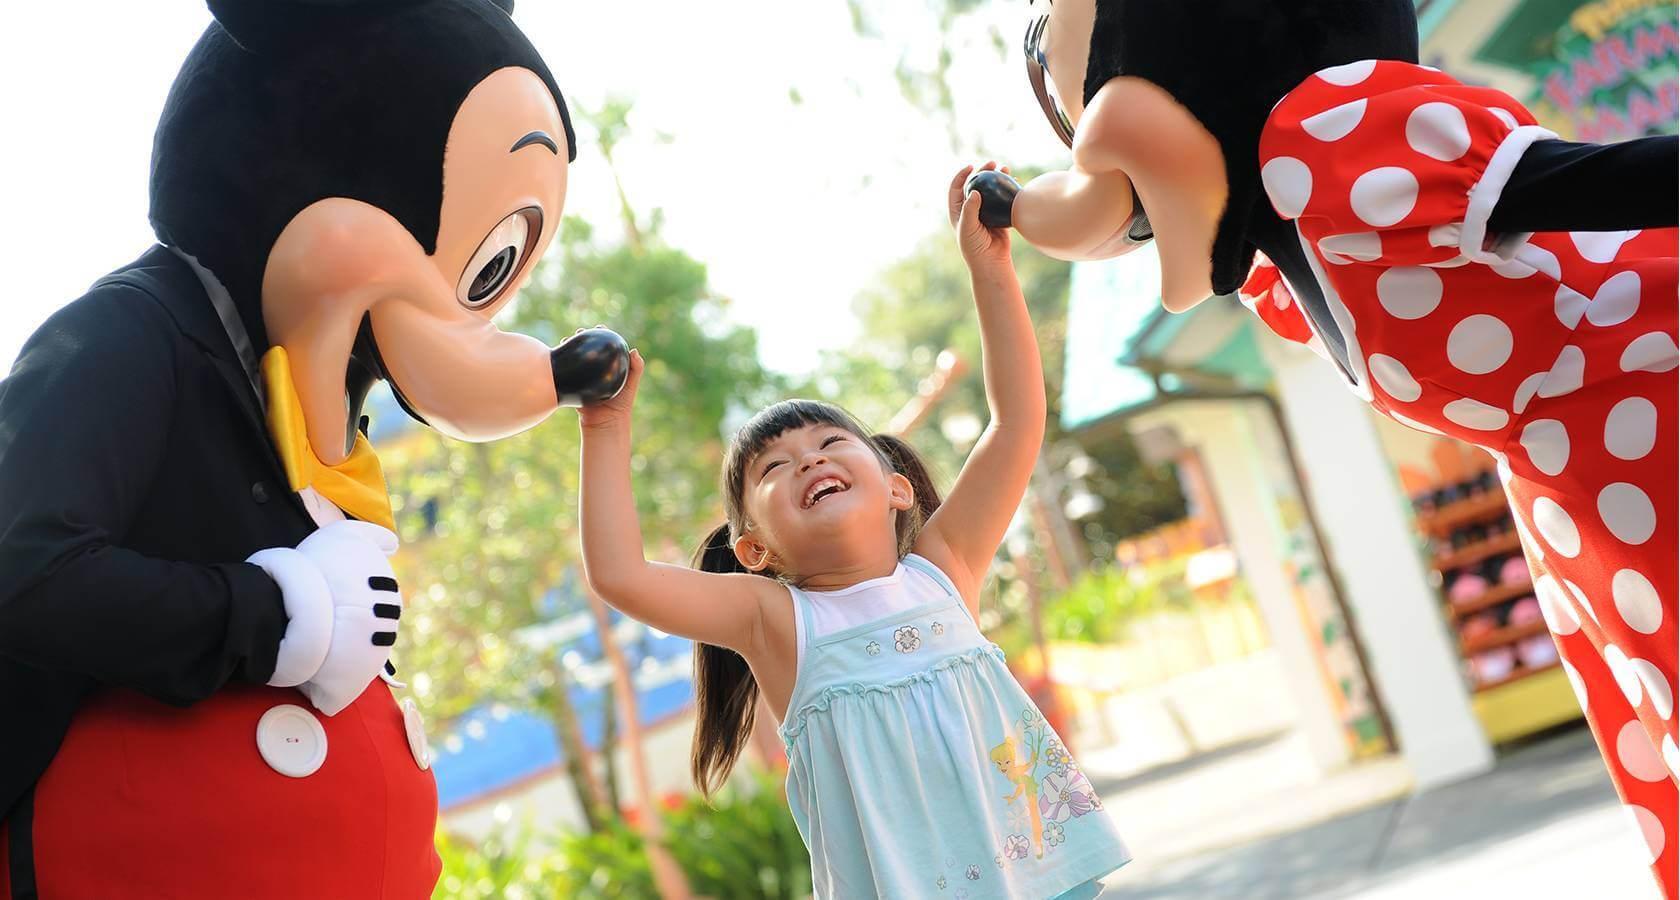 Como reservar sua visita aos parques da Disney Orlando: criança com personagens Disney